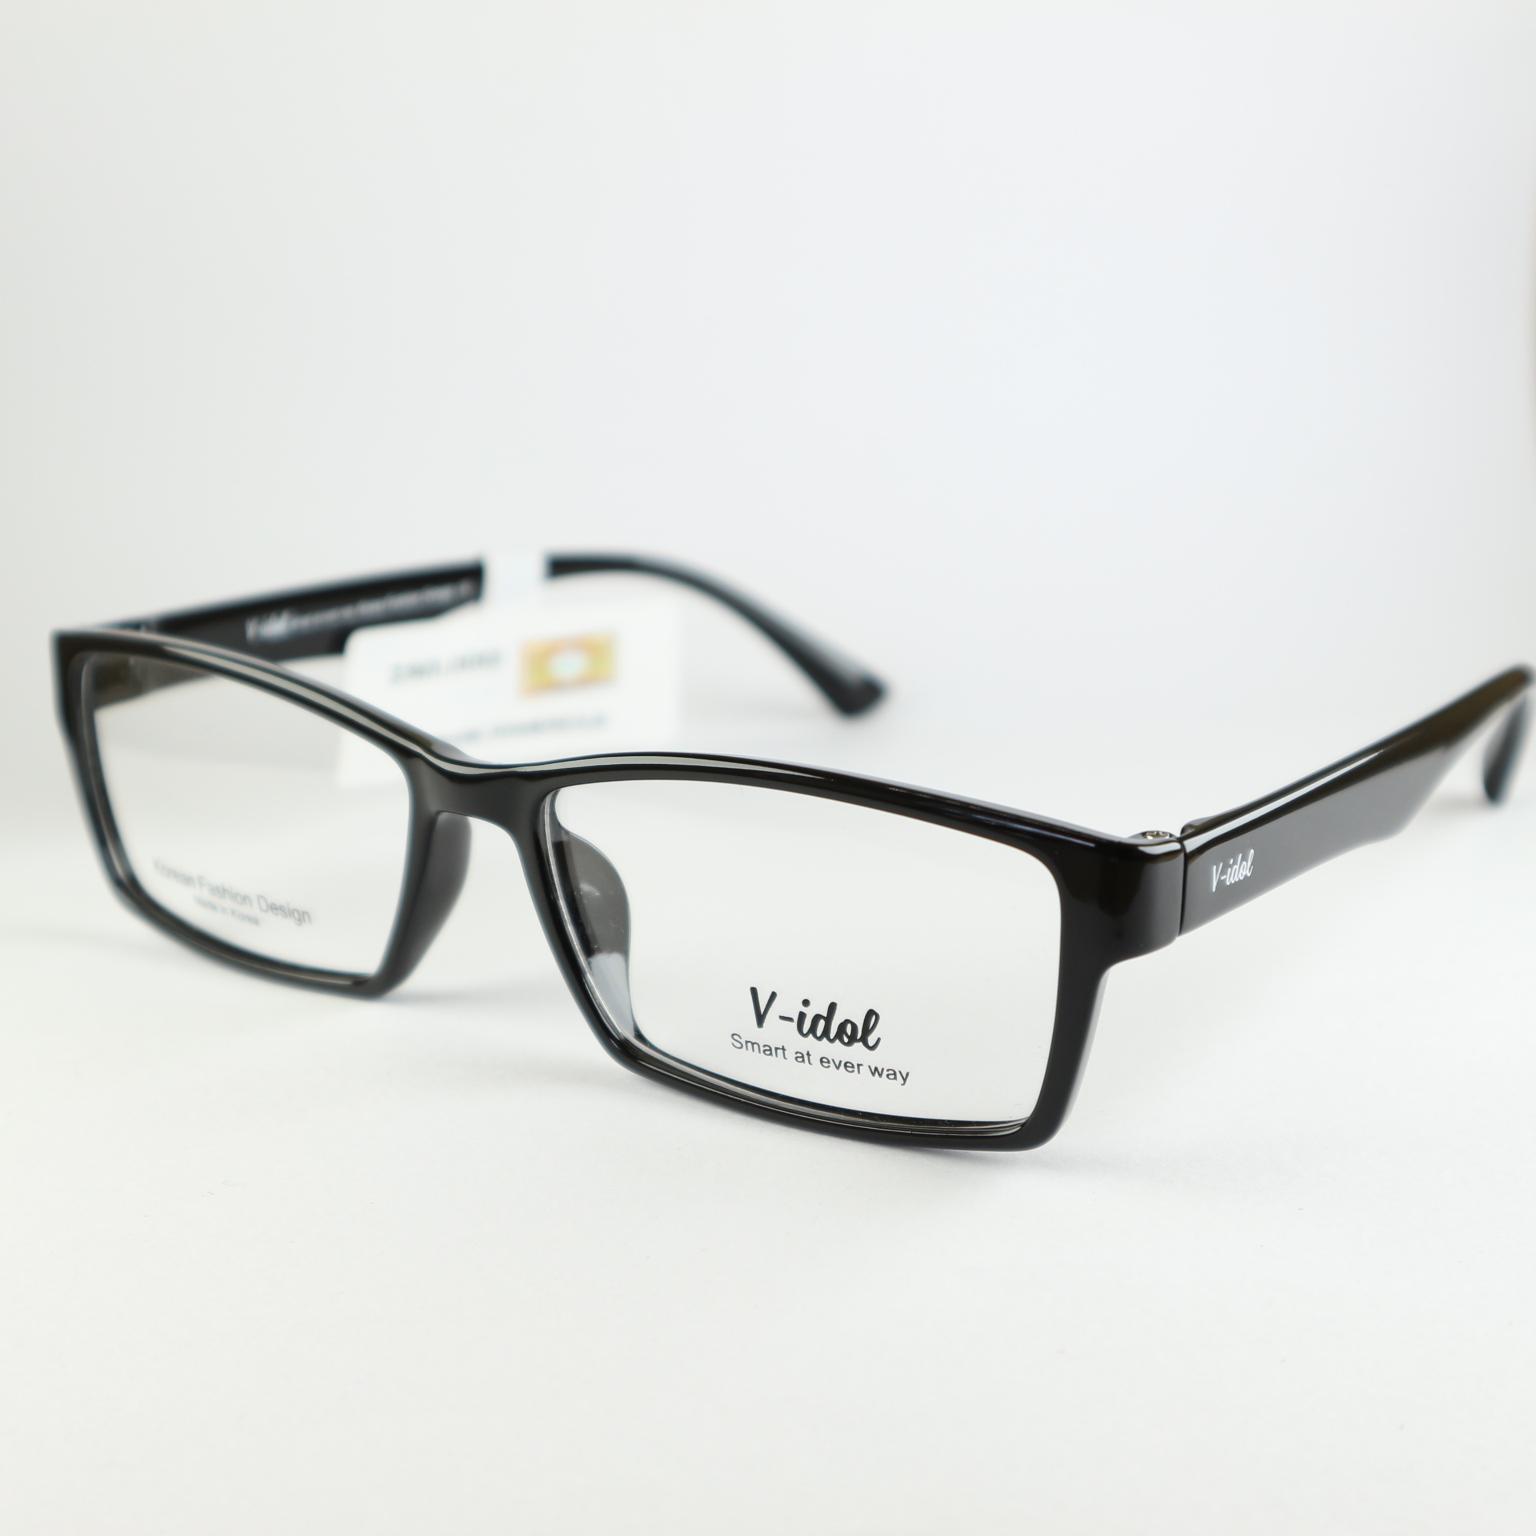 Gọng kính V-idol V8128 SBK ( màu đen )